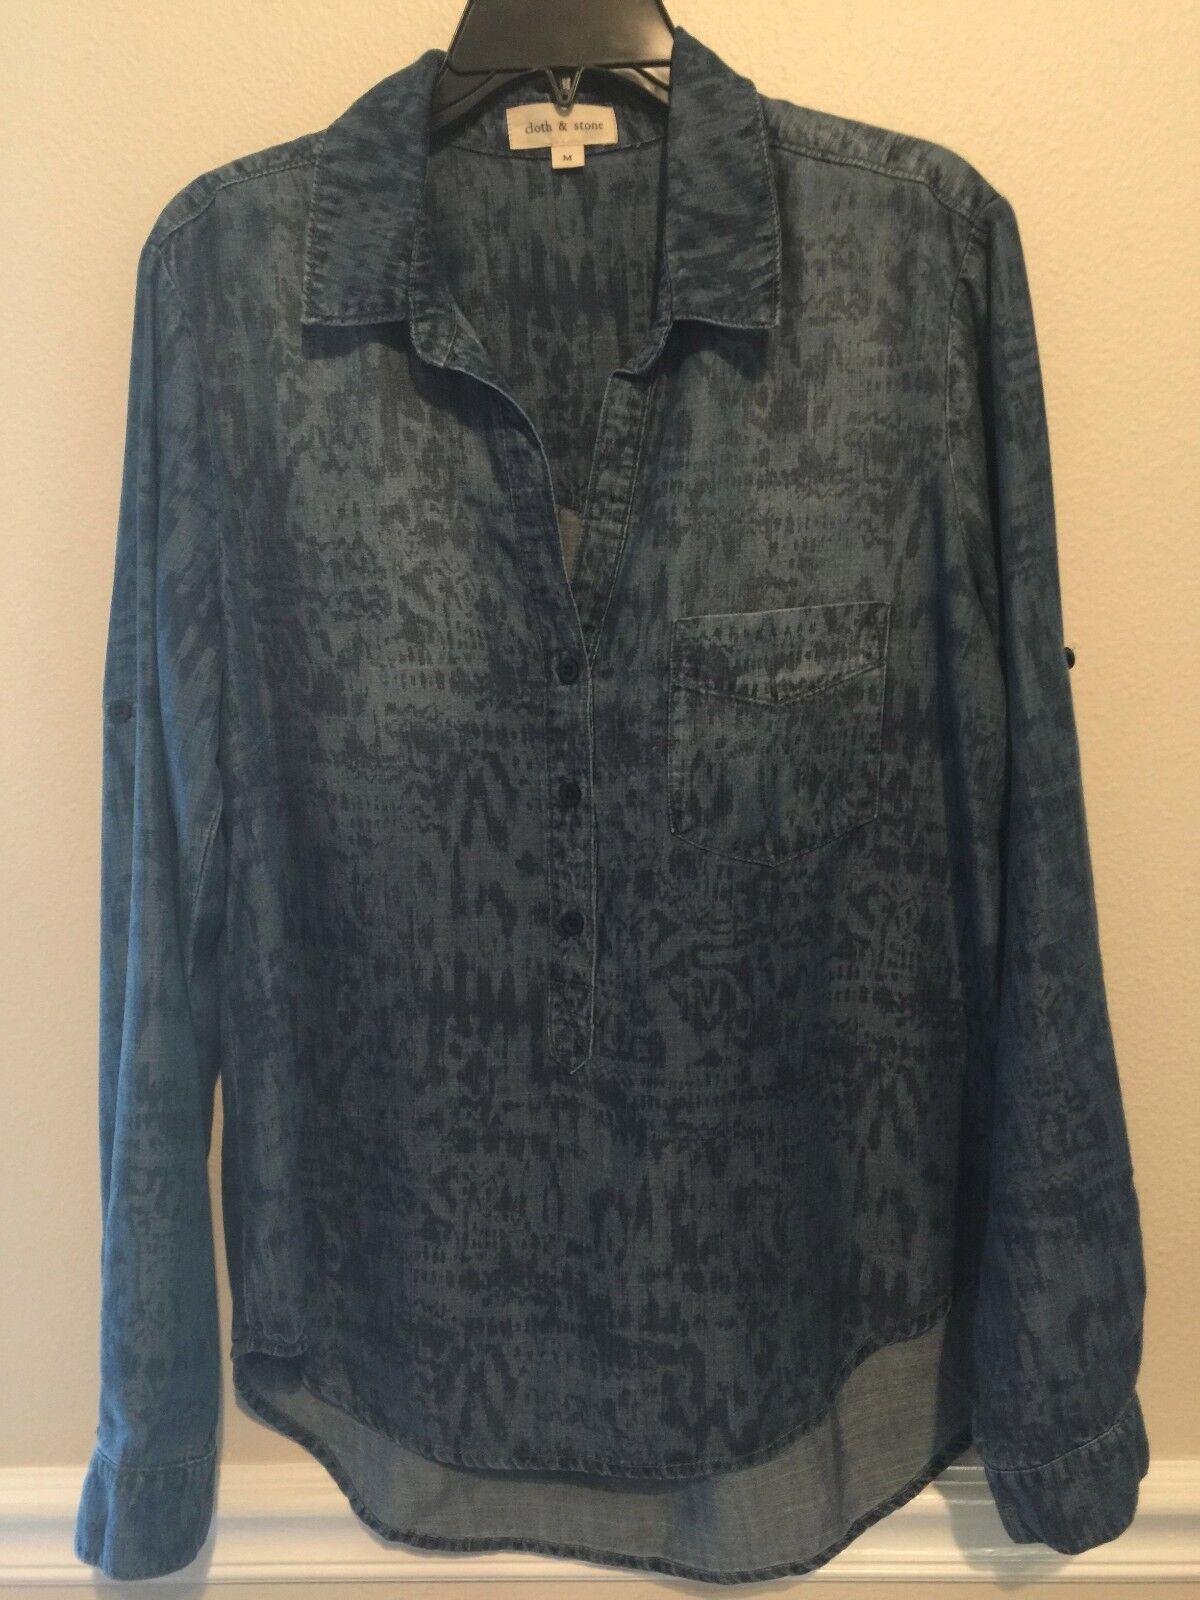 Neu Cloth & Stone Damen Szm eine Tasche Langärmeliges Top Blau Mehrfarbig